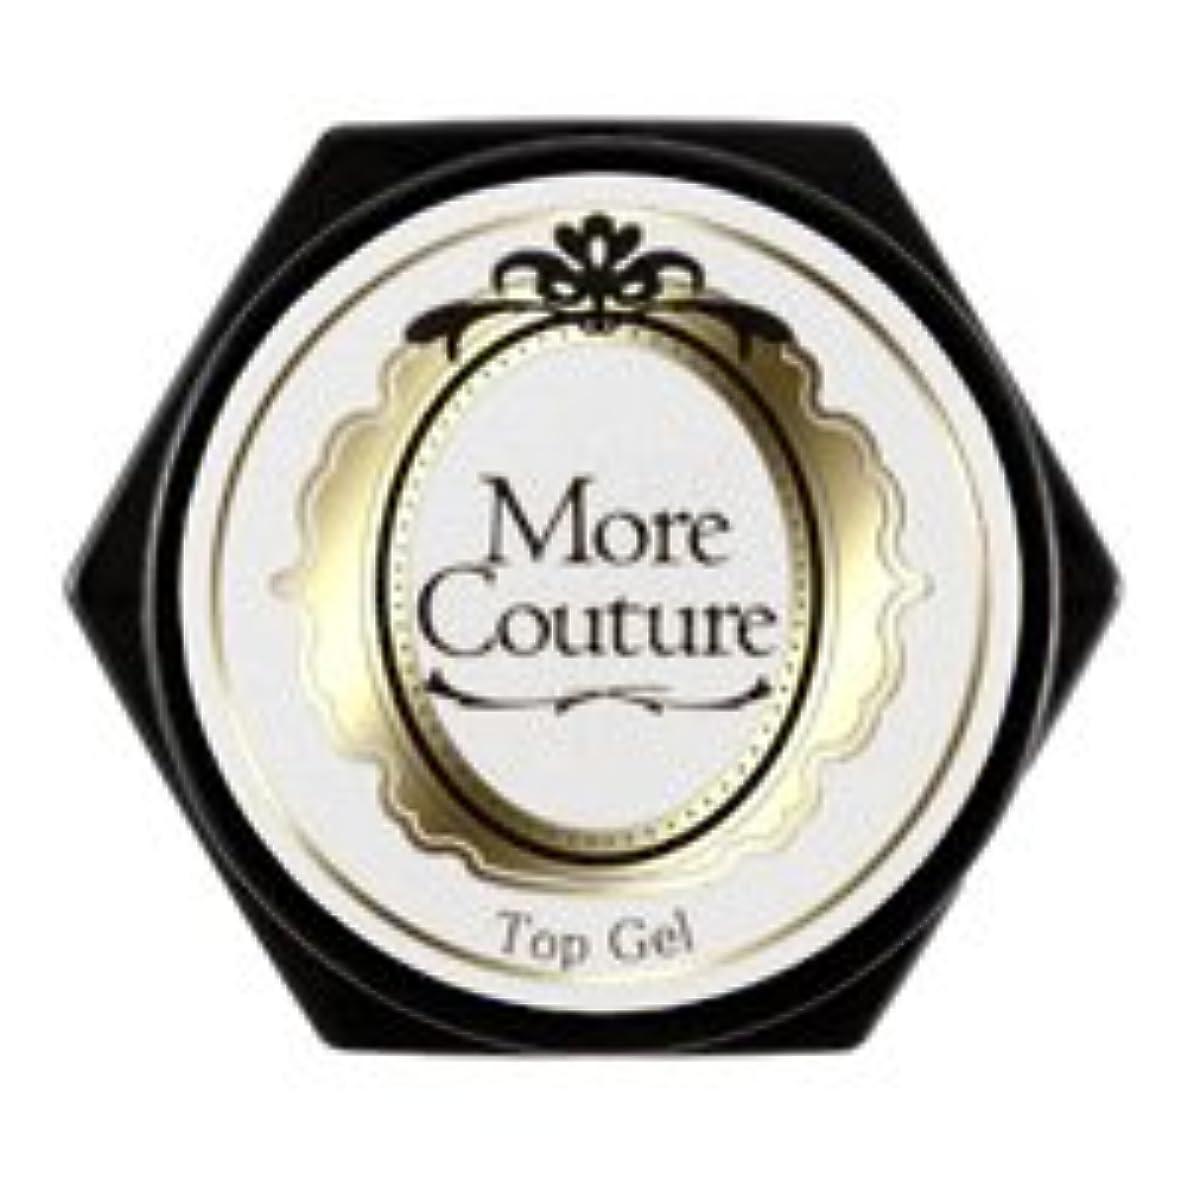 明示的にうがい半径★More Couture(モアクチュール) モアジェル <BR>トップジェル 5g